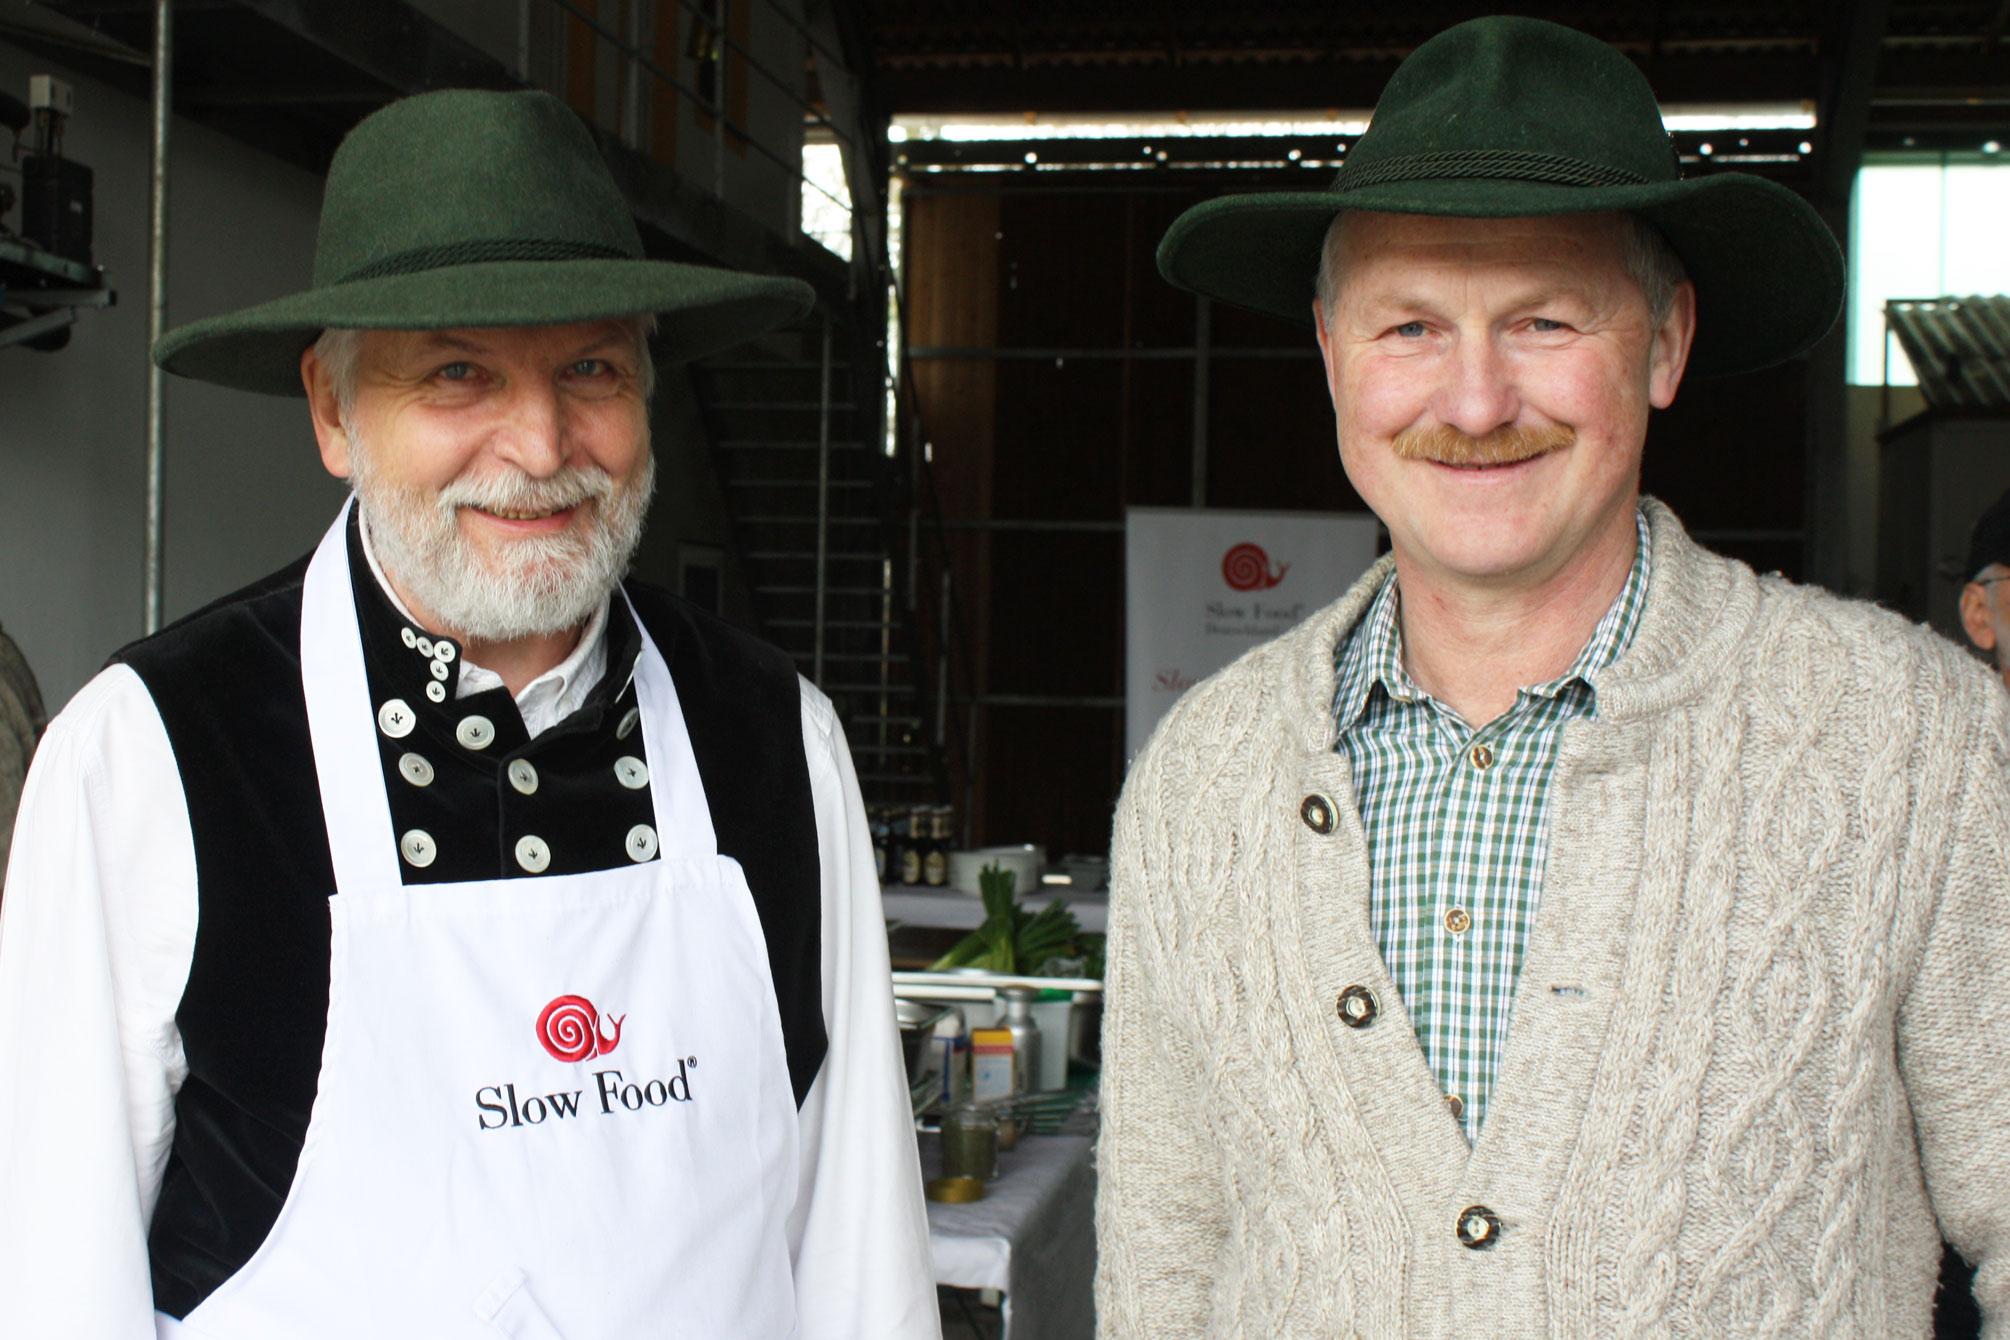 Slow Food Kuttelgespräch: Ganze Tiere essen - nose to tail. Besuch der Schäferei Eichhorn im Altmühltal.